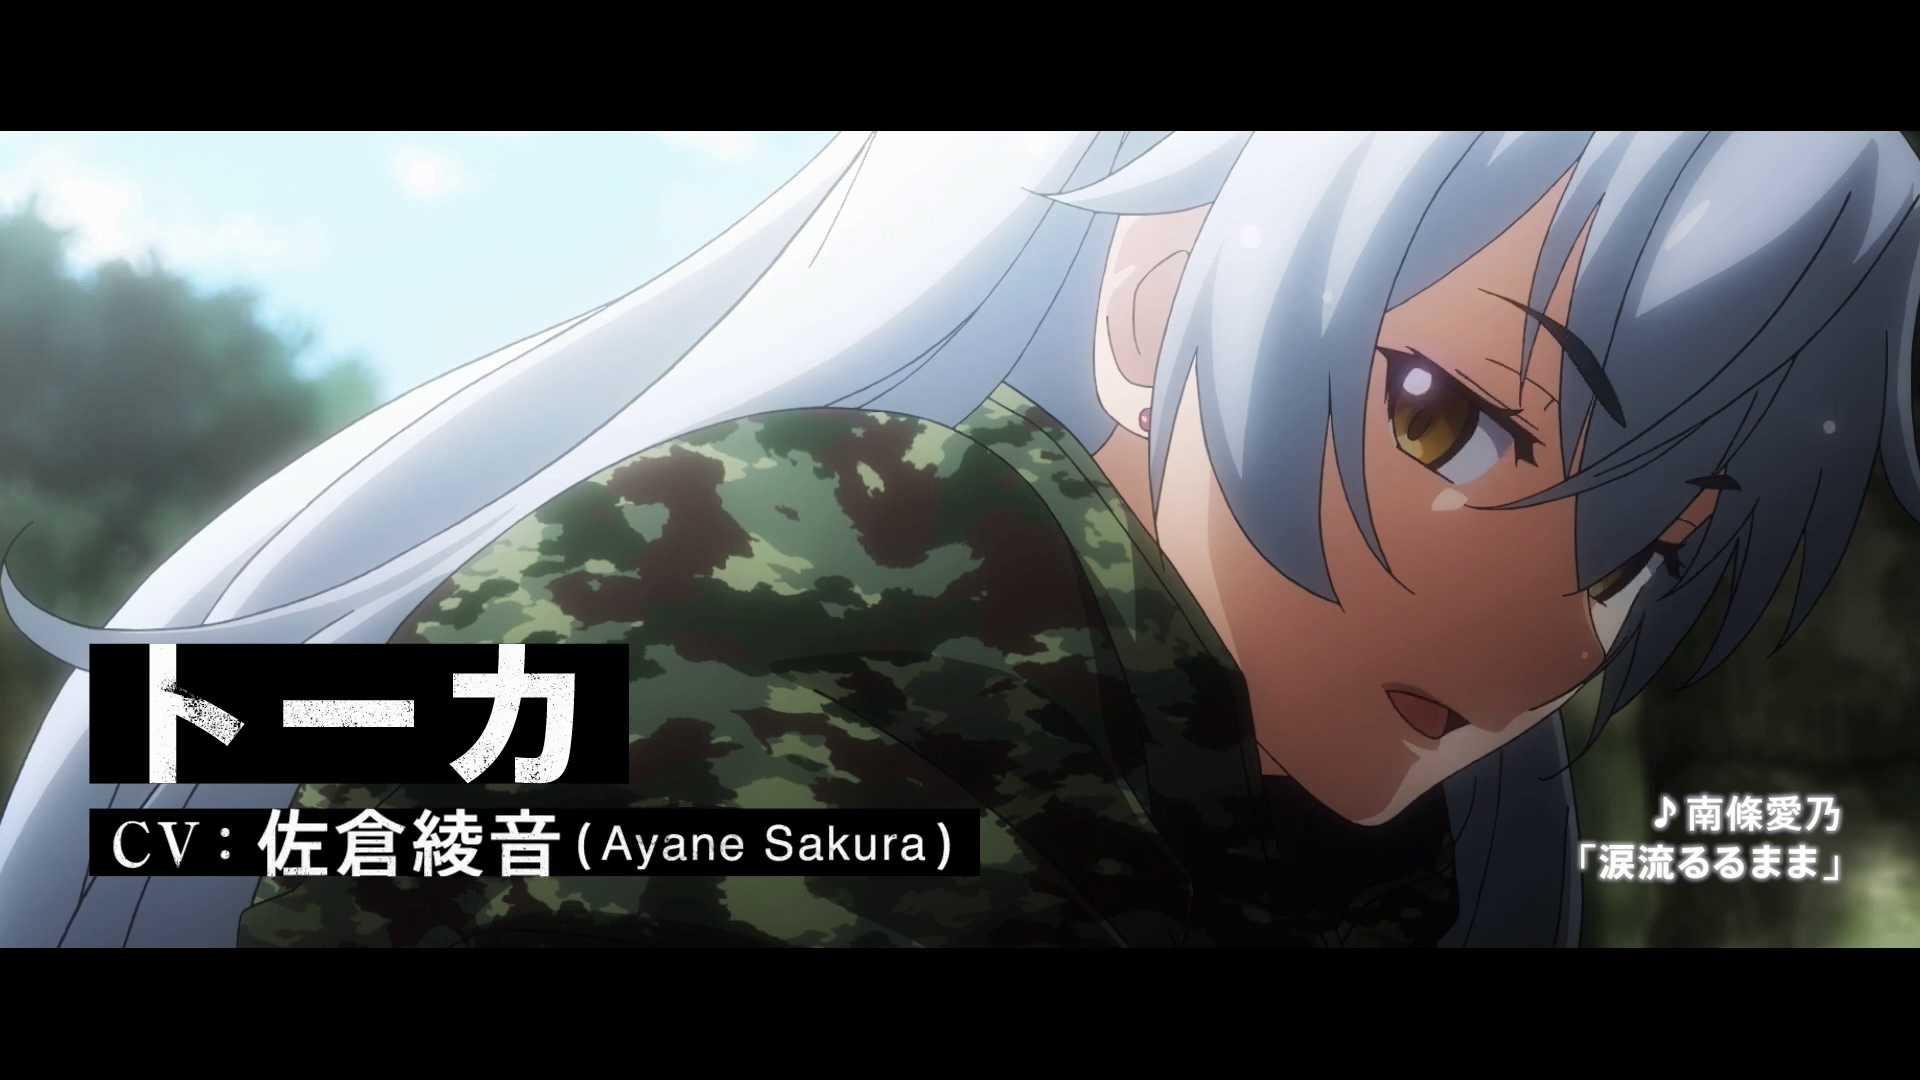 【资讯】《灰色:幻影扳机》新作剧场版动画PV公开11月27日上映-小柚妹站